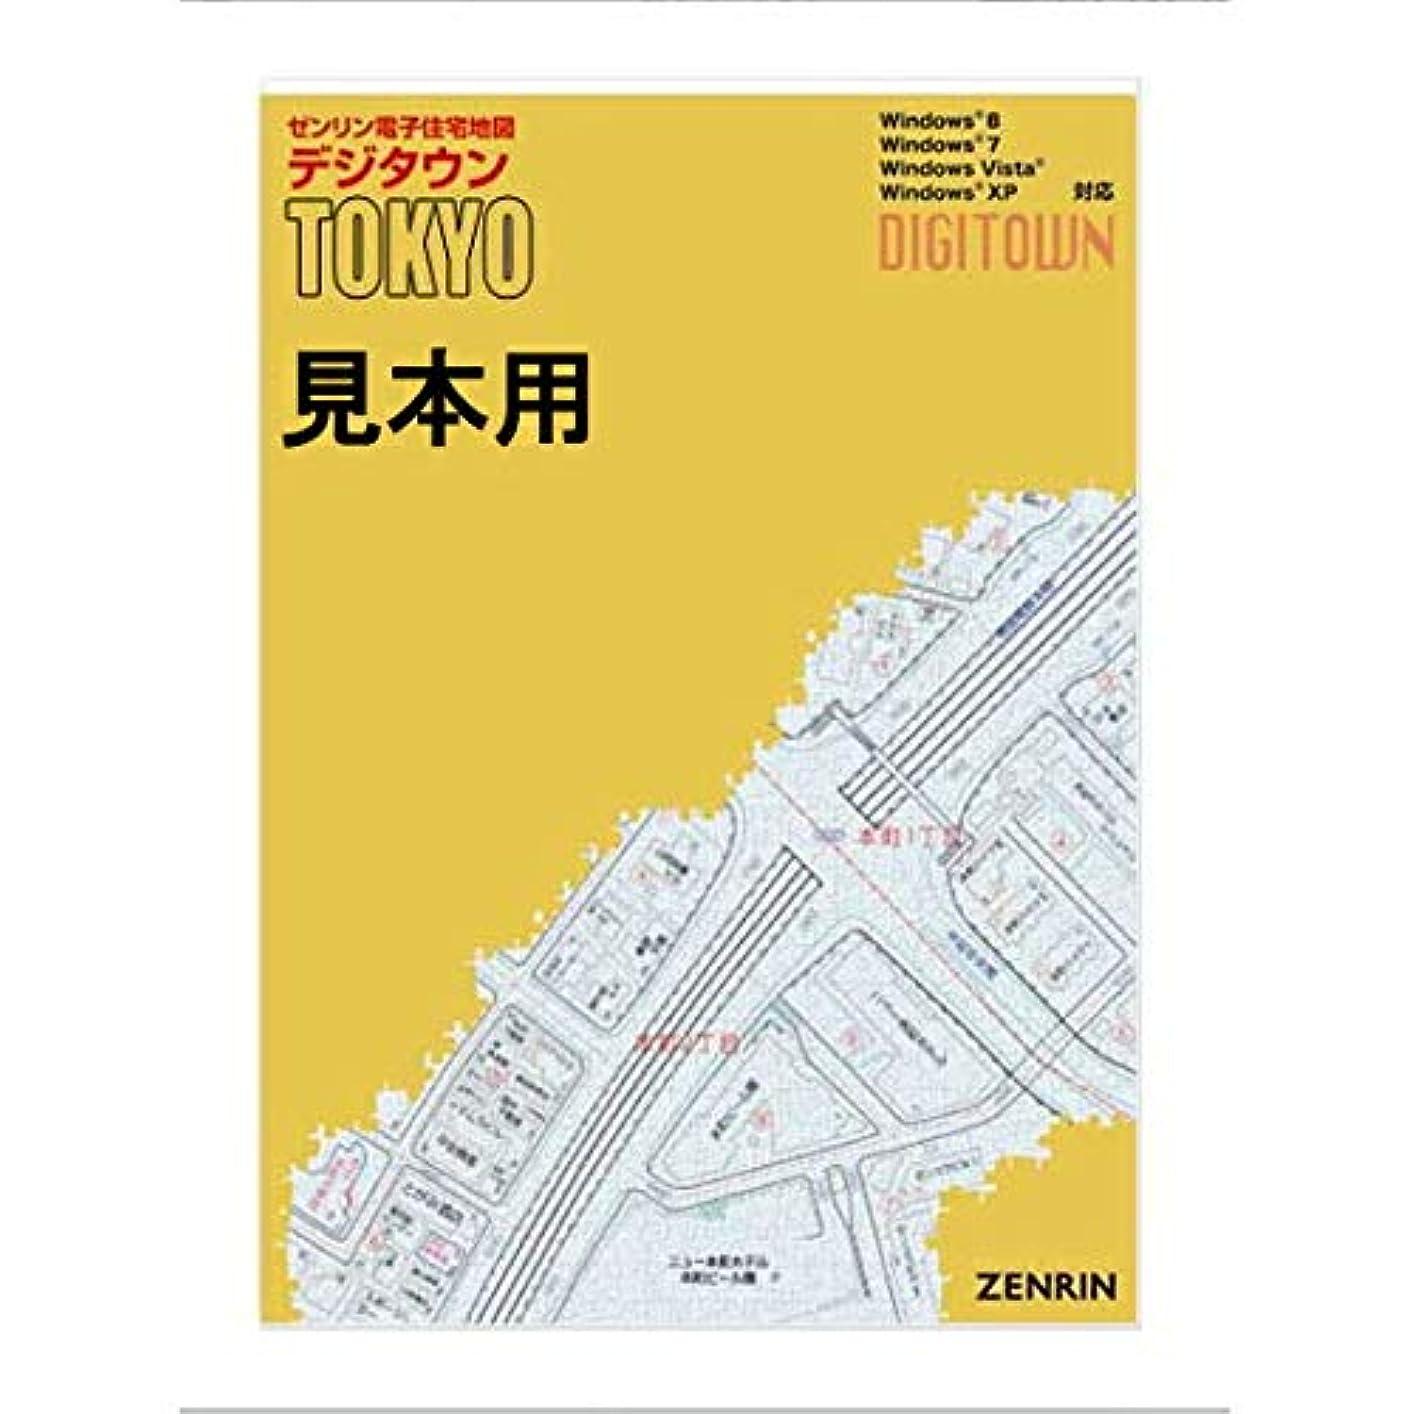 儀式火星かけるゼンリン電子住宅地図 デジタウン 北海道 札幌市北区 発行年月201811 011020Z0Q